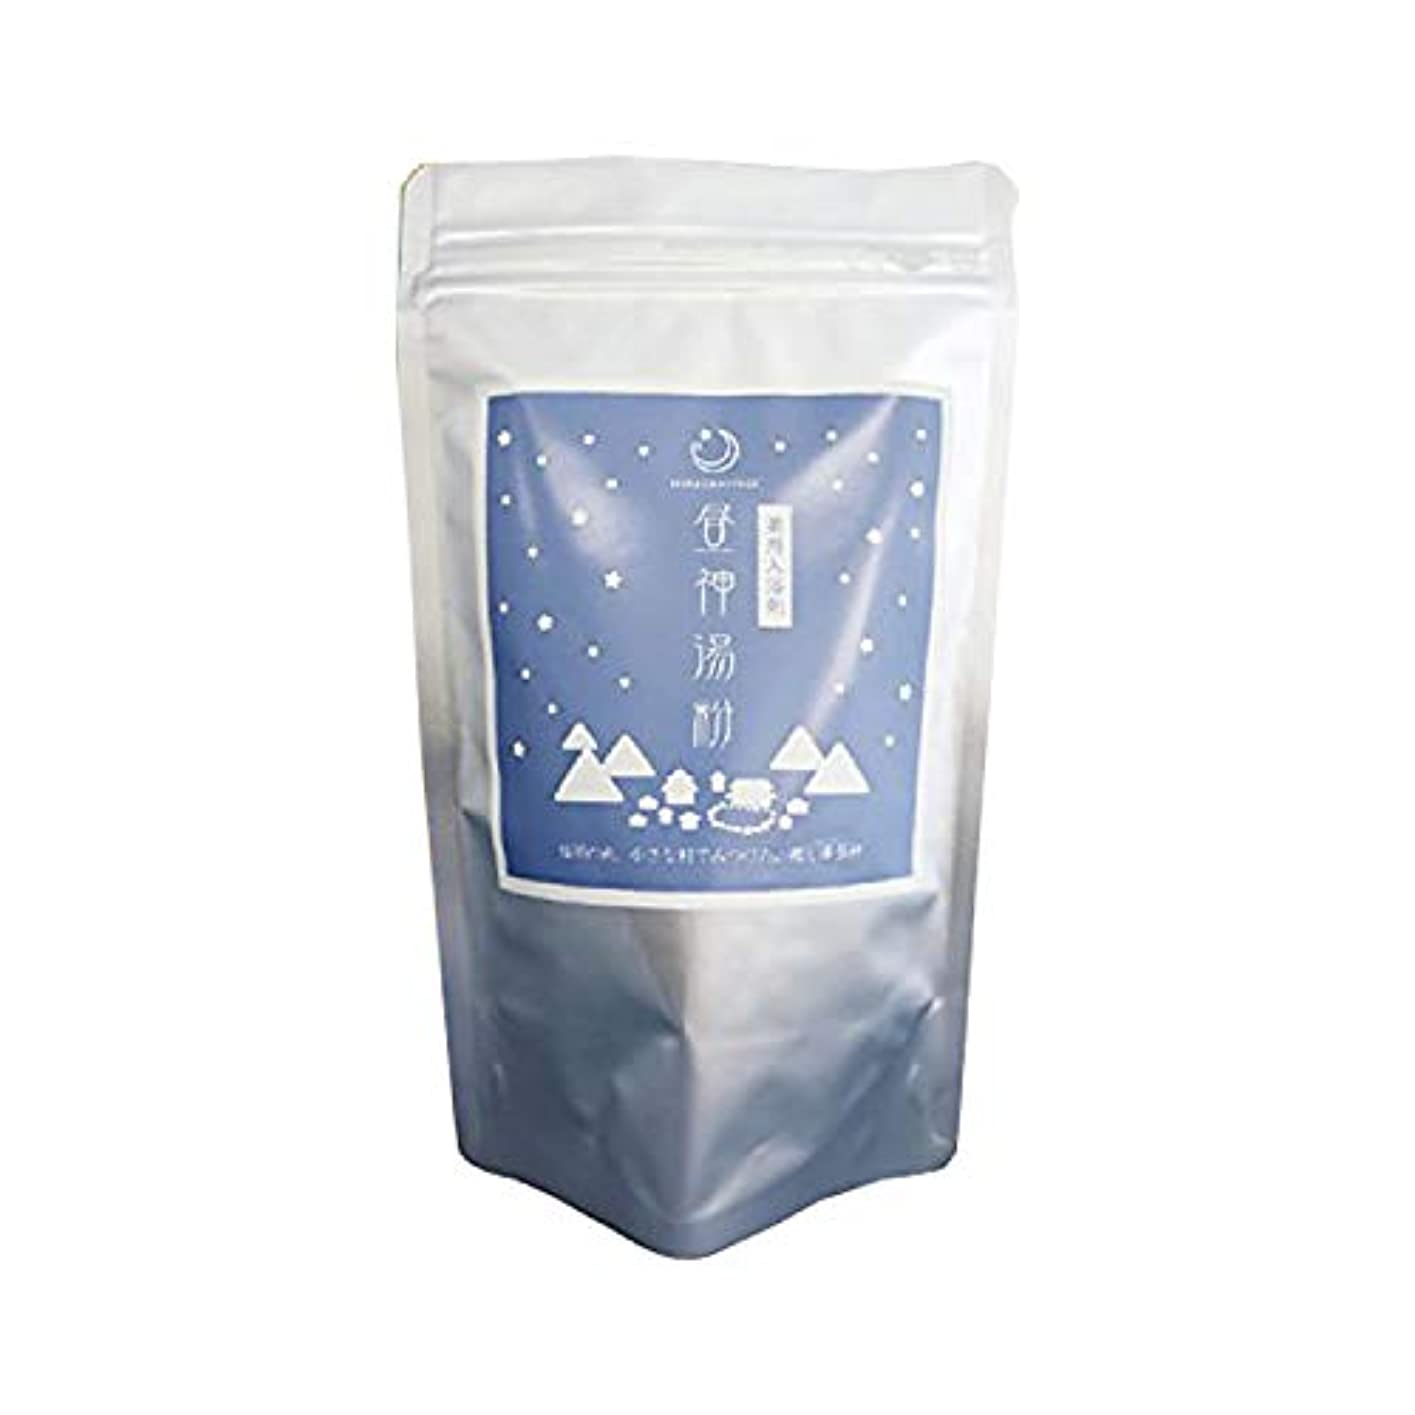 真夜中フェデレーション登る昼神の湯 詰替え用特別セット 詰替え用6袋